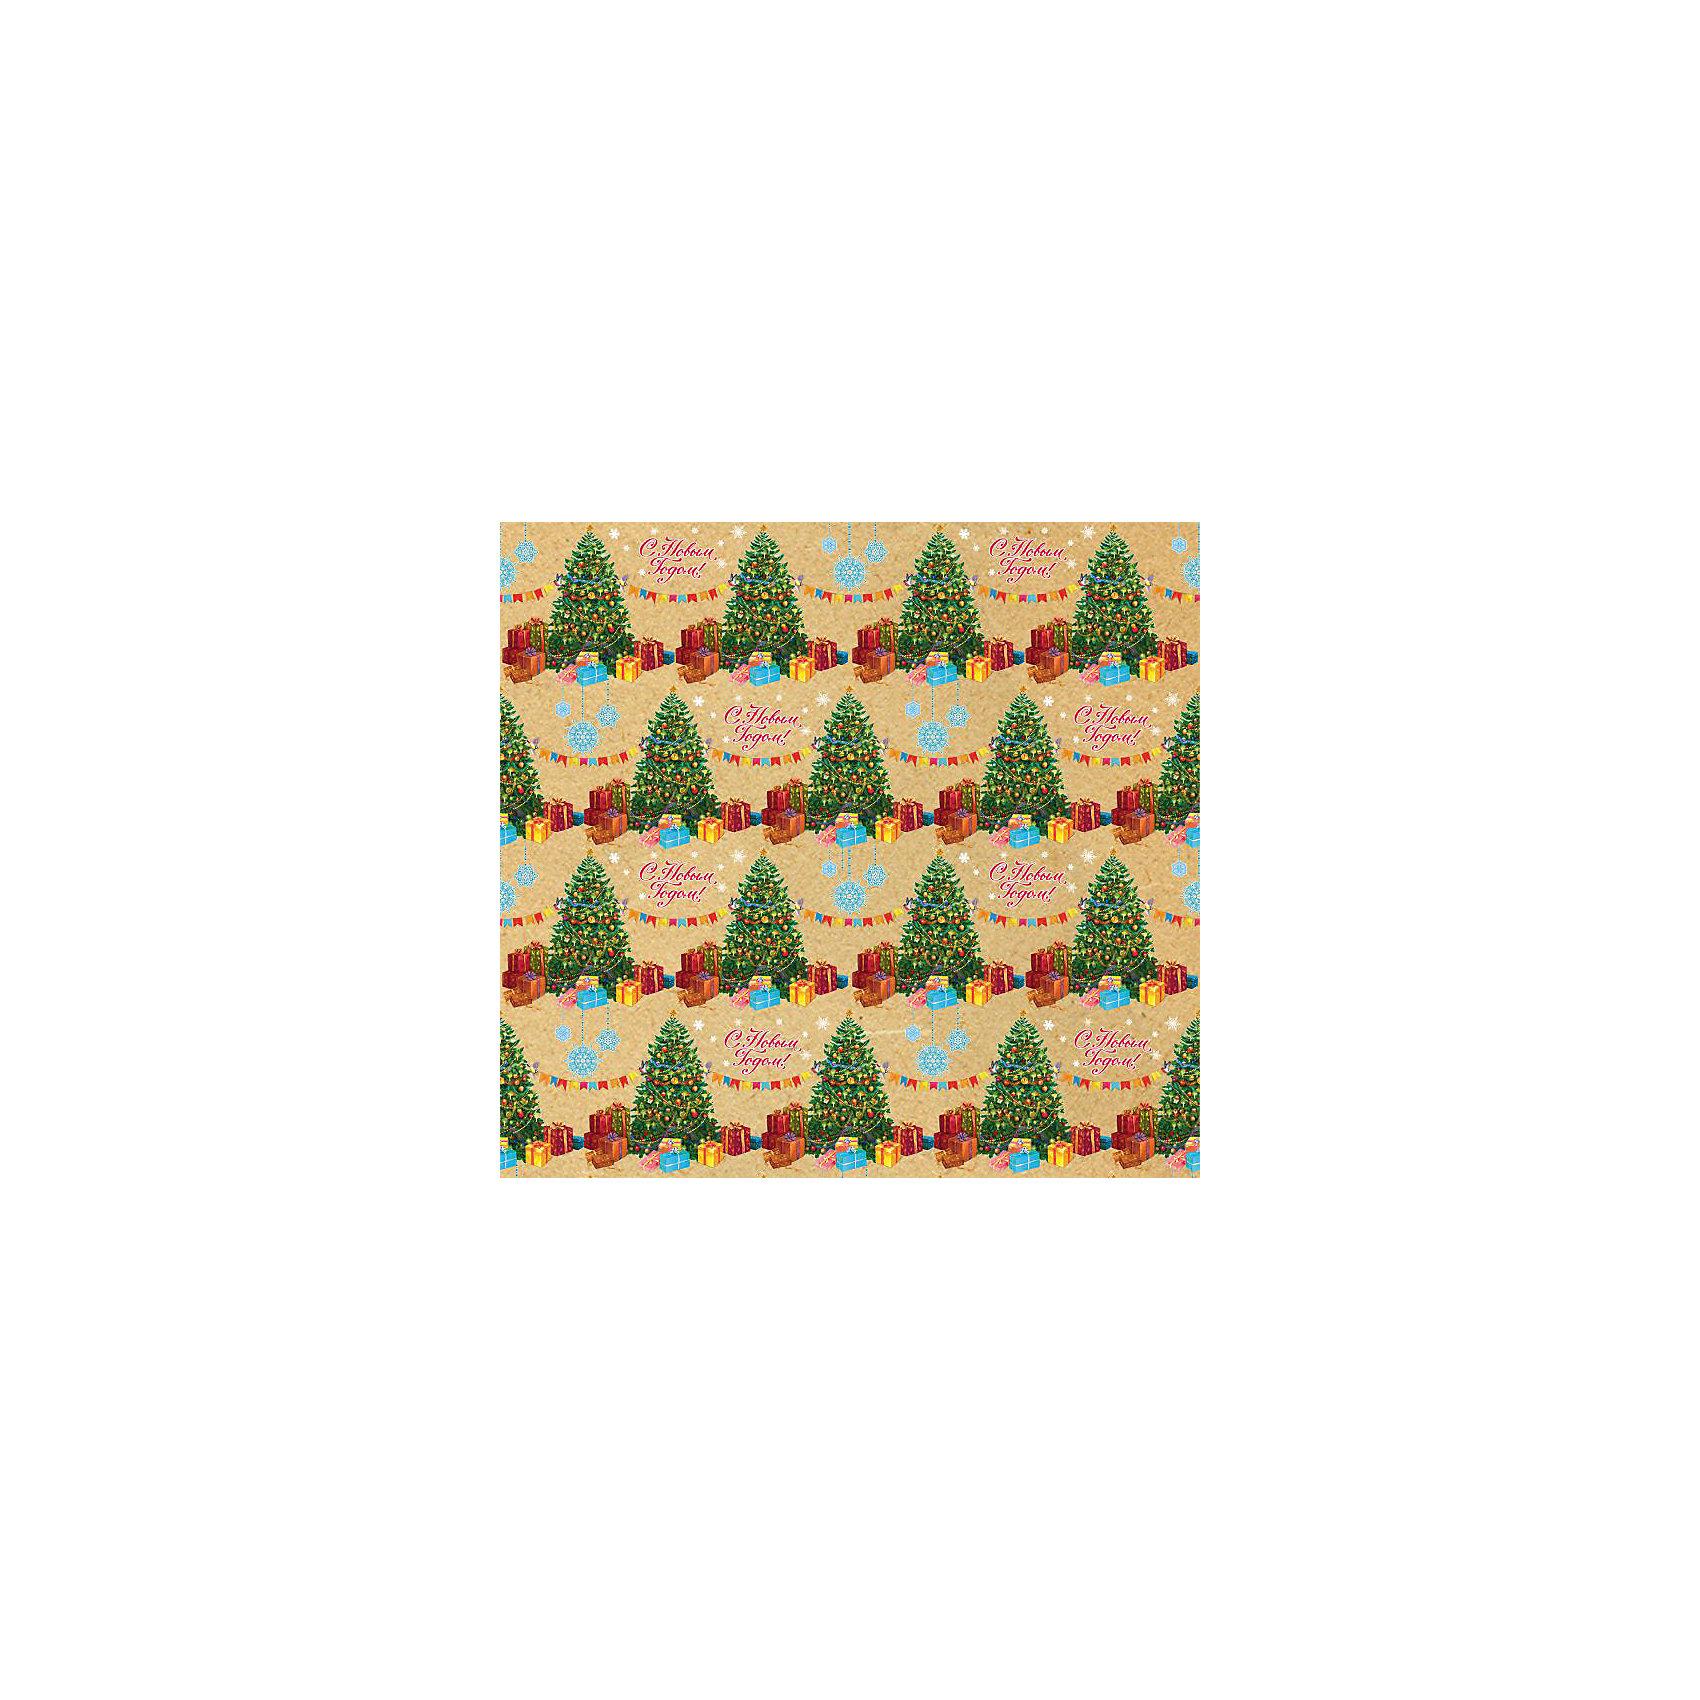 Крафт бумага Нарядные елочки для сувенирной продукции в листах от myToys